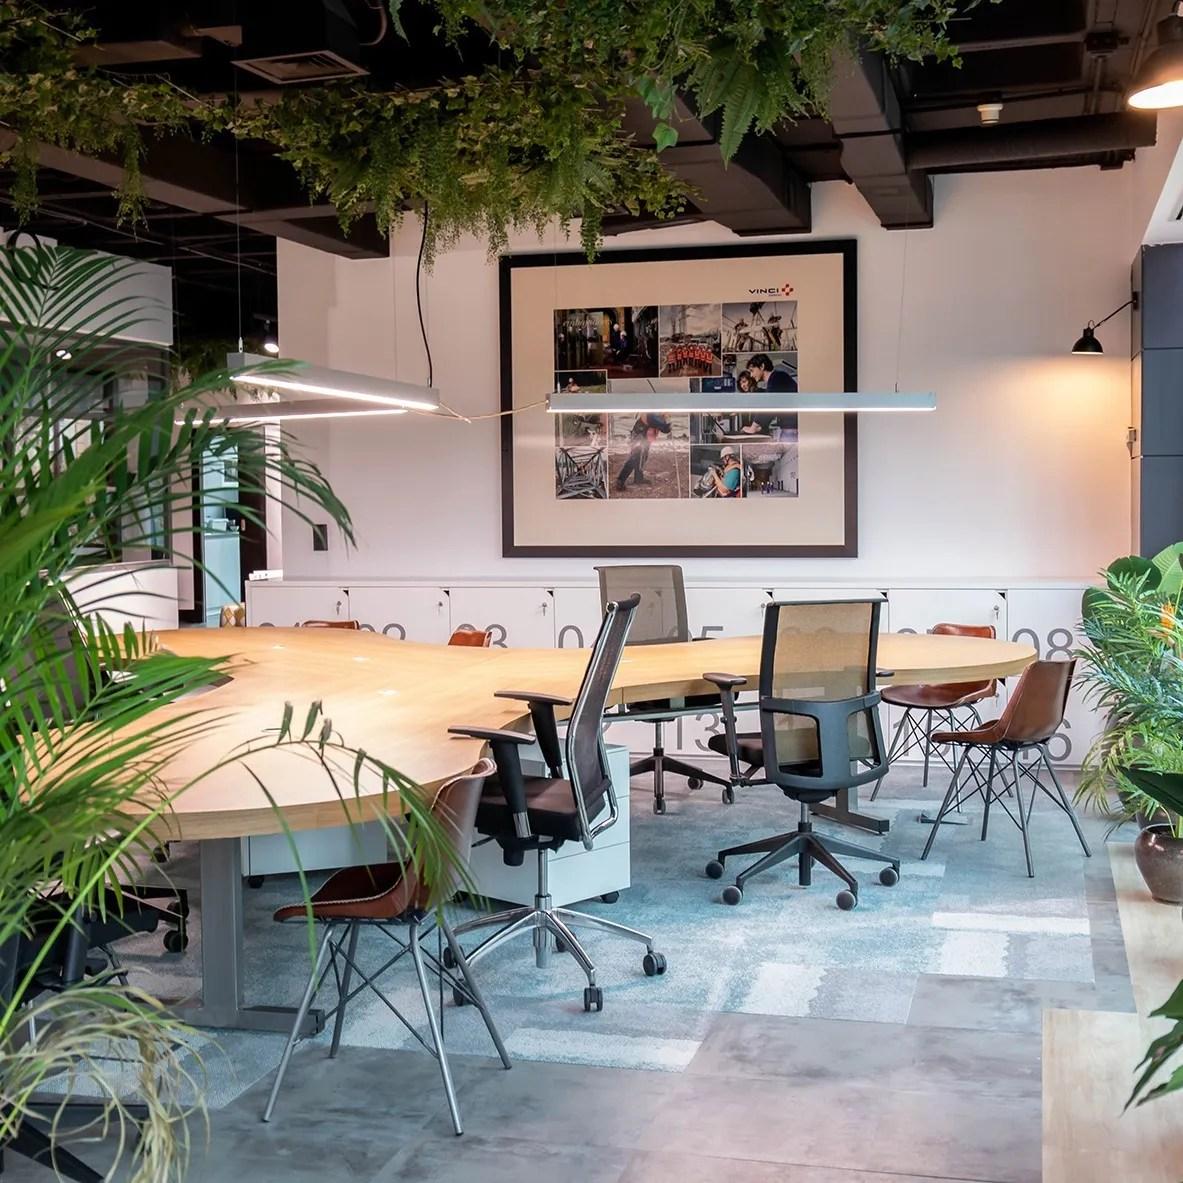 oficinas Vinci, gestión del espacio